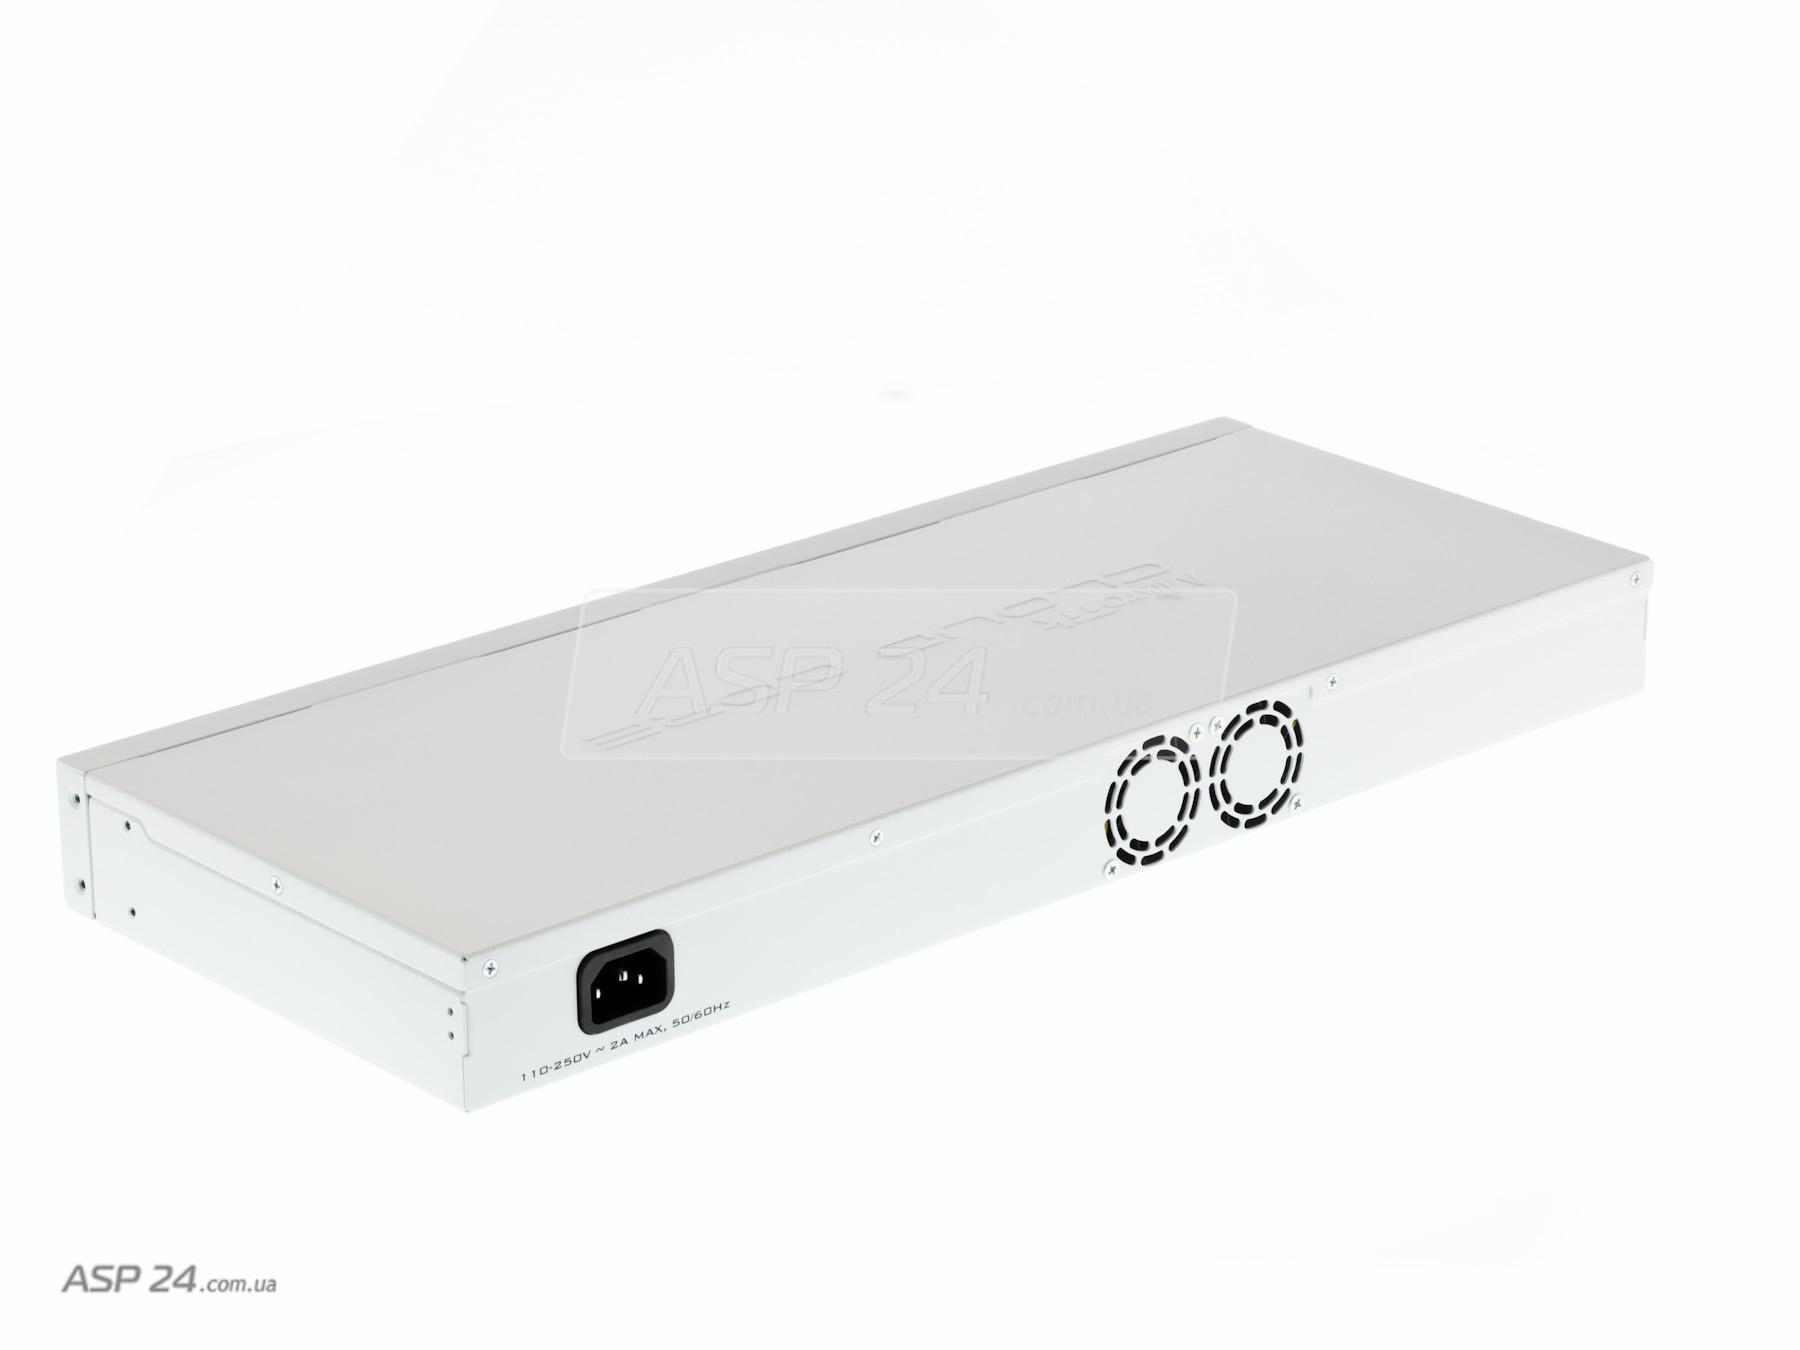 Mikrotik Ccr1036 12g 4s Em Cloud Core Router 1036 4